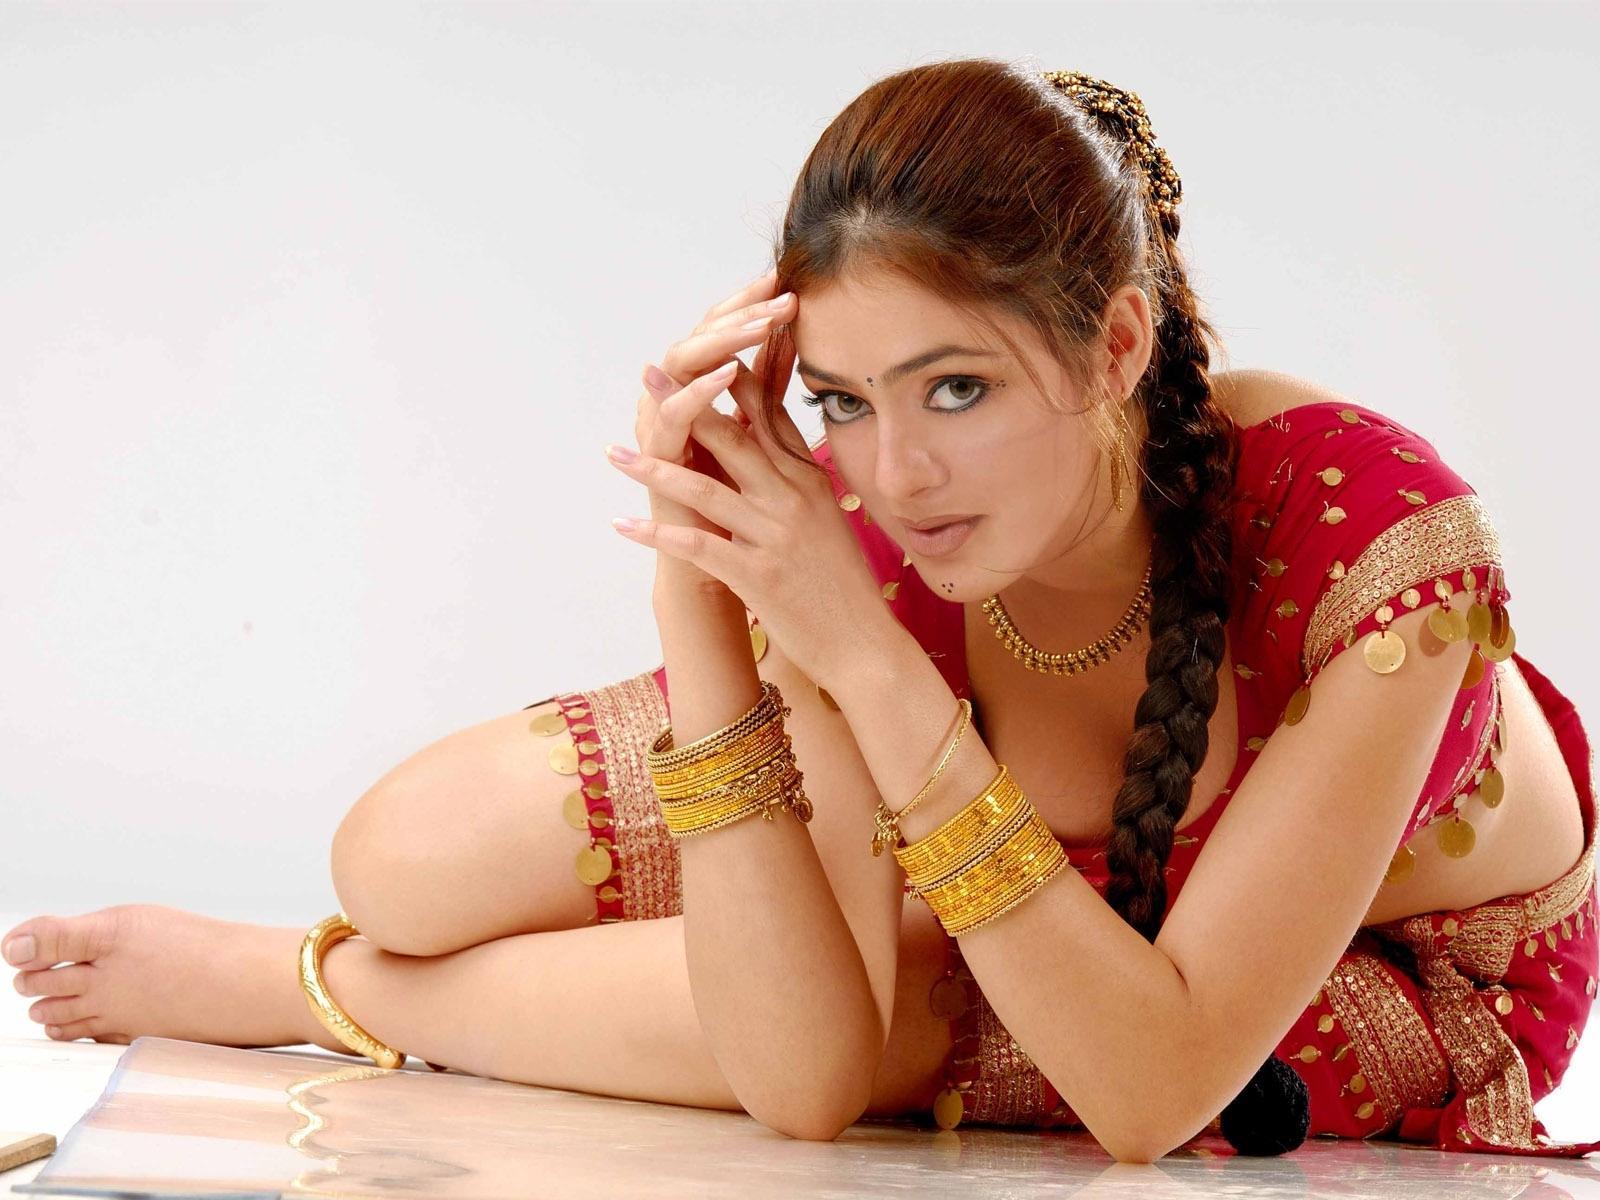 Индийская девушки фото галерея